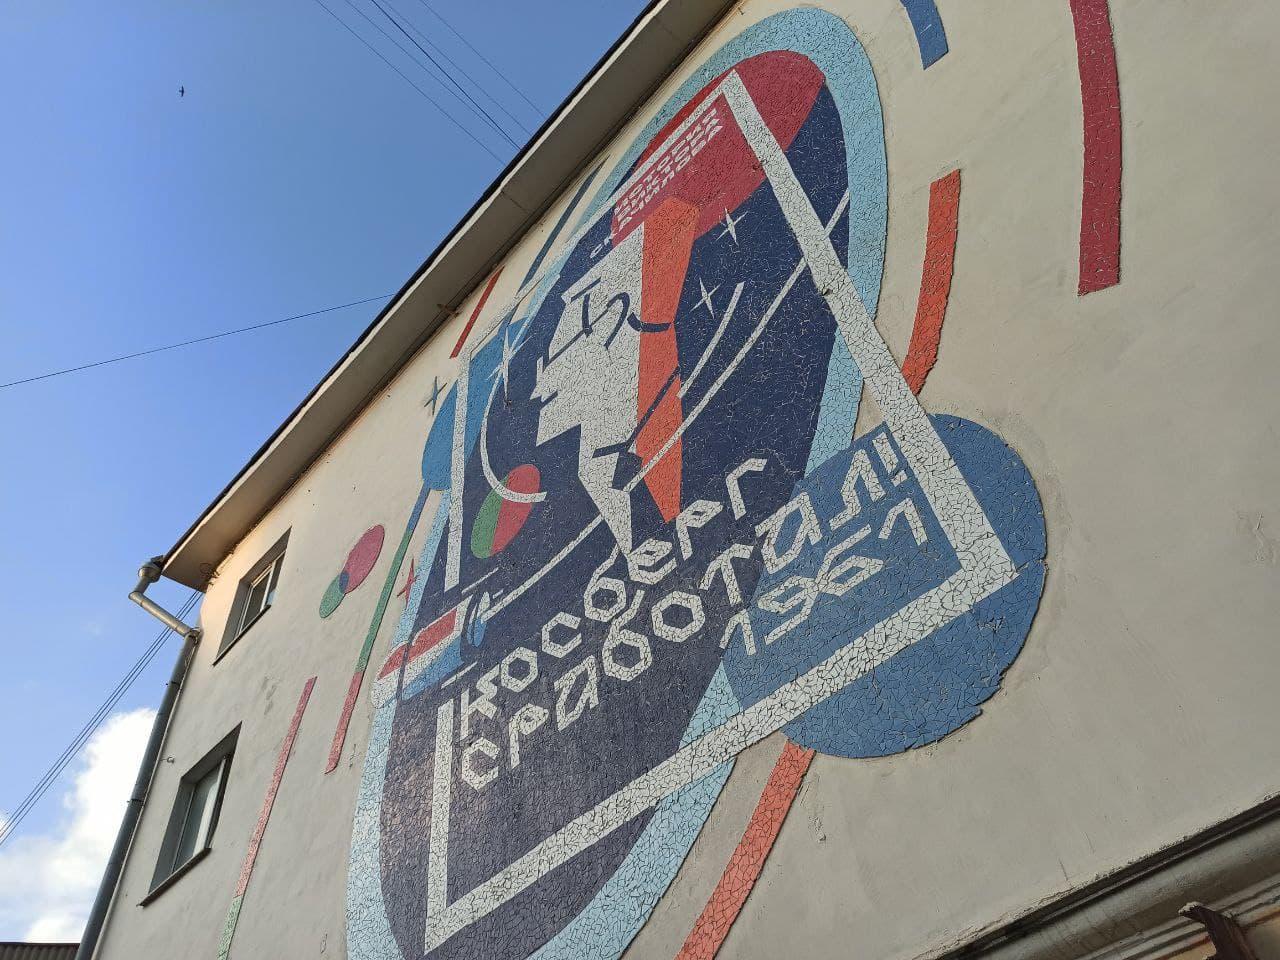 Монументальное мозаичное полотно «Косберг сработал» появилось в Воронеже